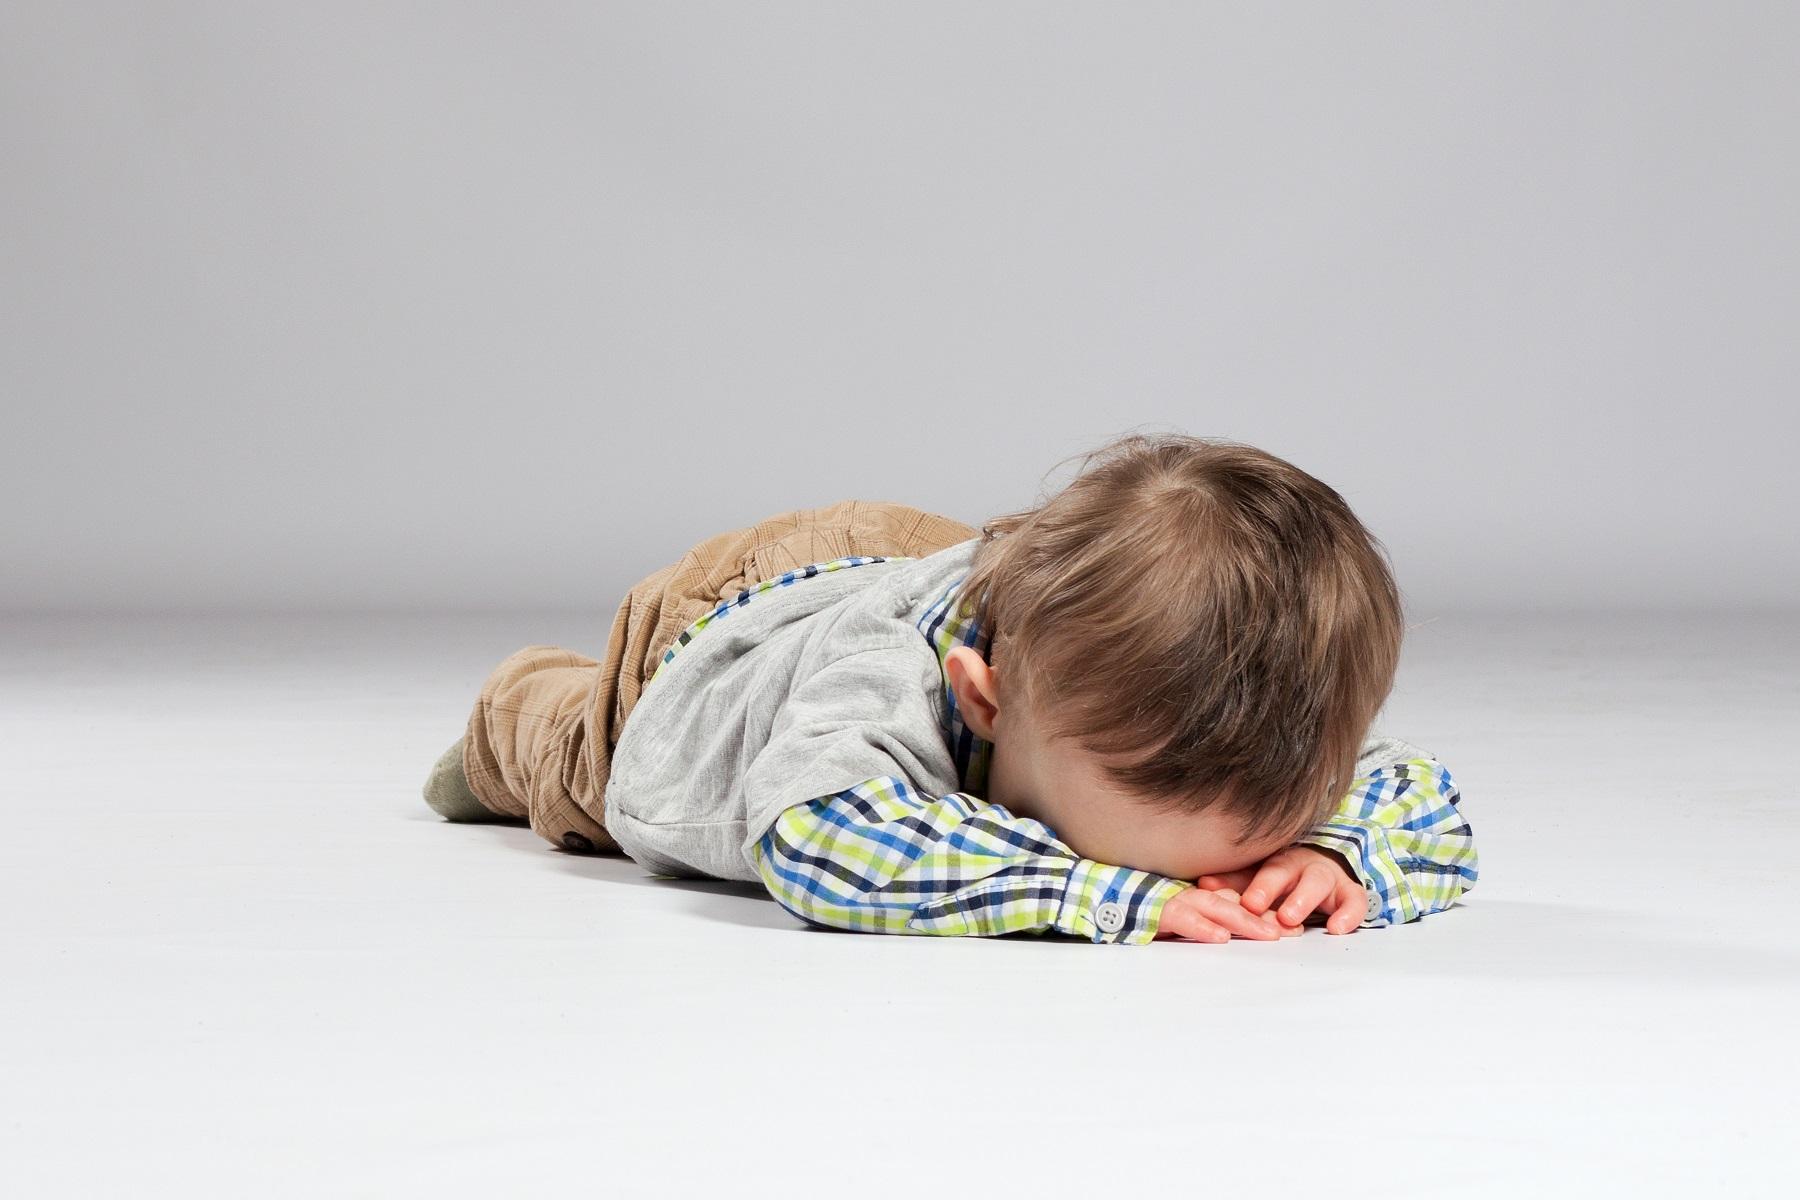 dziecko, przyczyny trudności wychowawczych